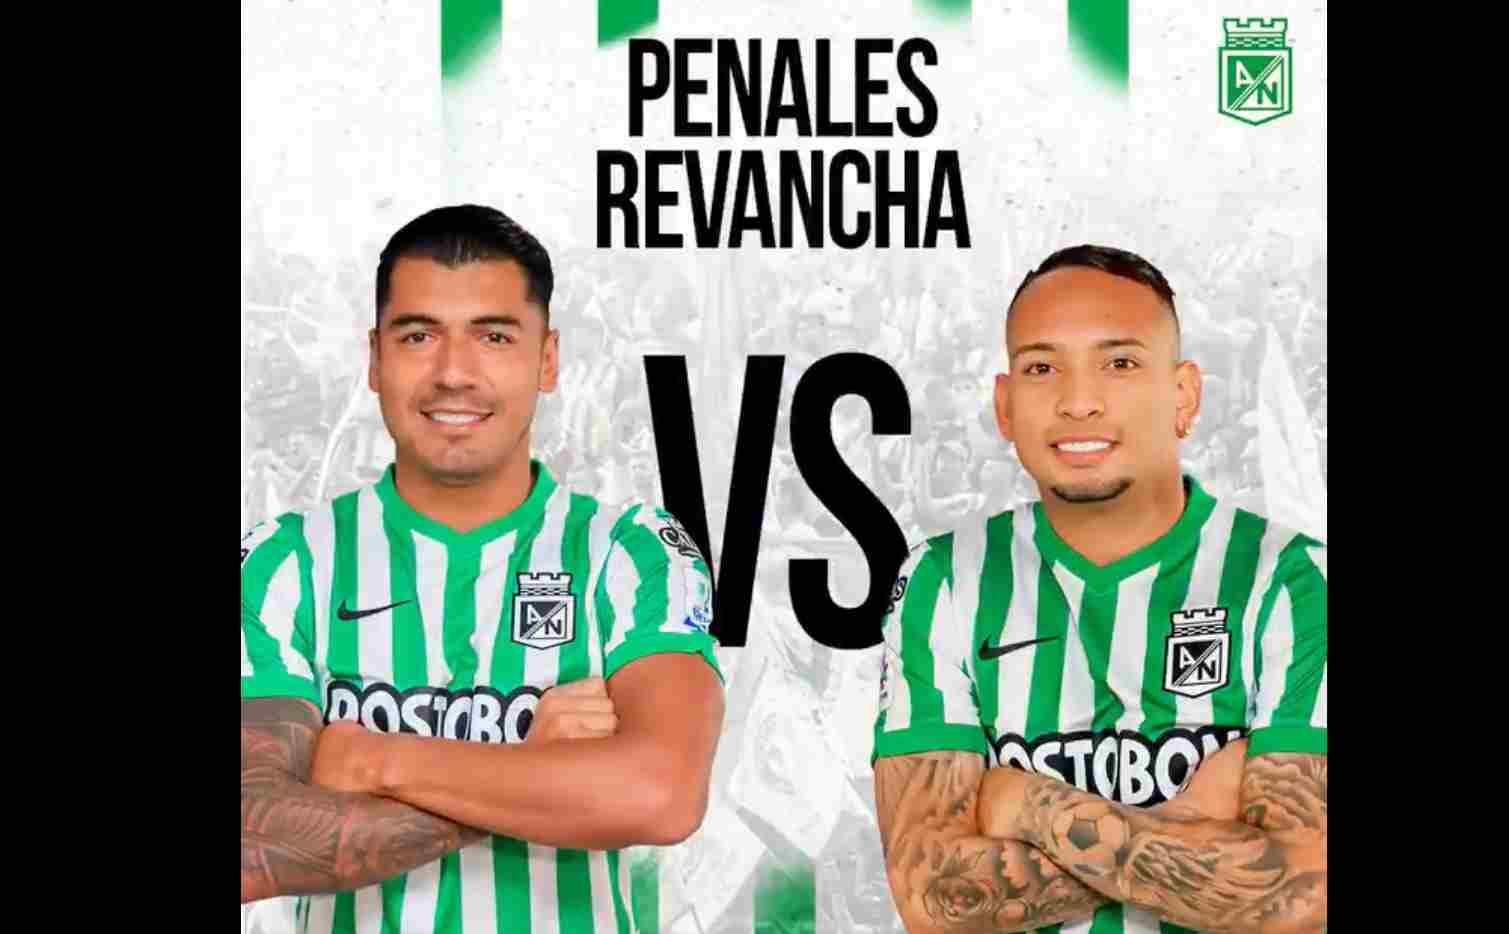 Duelo de penaltis entre Jarlan Barrera y Jéfferson Duque, ¿quién ganó?